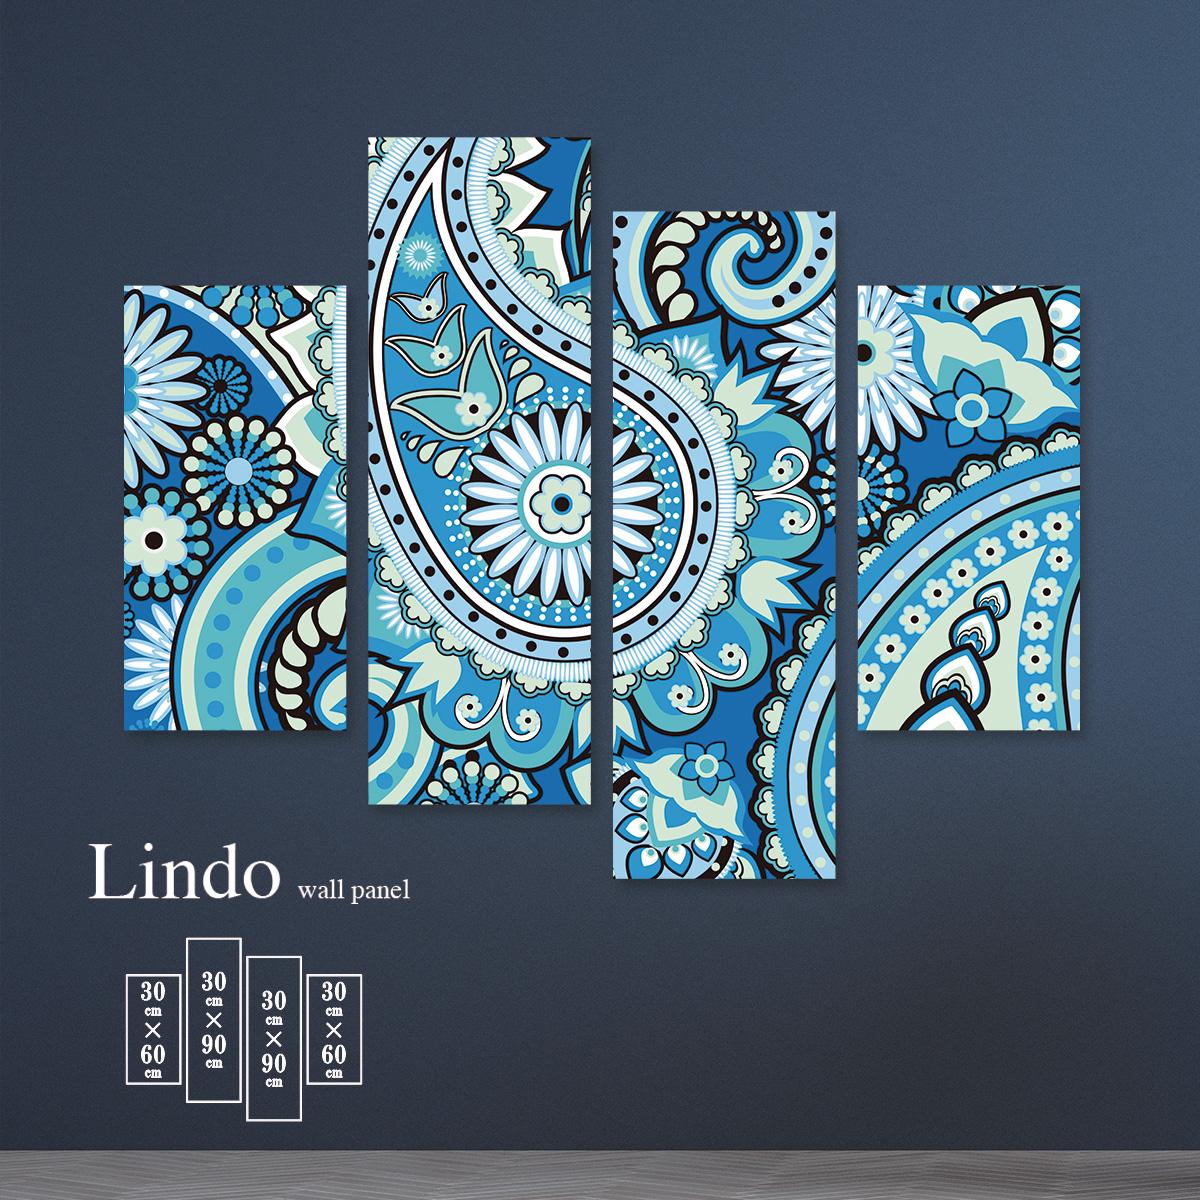 アートパネル ペイズリー 柄 パターン 幾何柄 模様 ブルー 可愛い 壁掛け 北欧 お洒落 デザイン ファブリック 壁飾り アートボード 4枚パネル